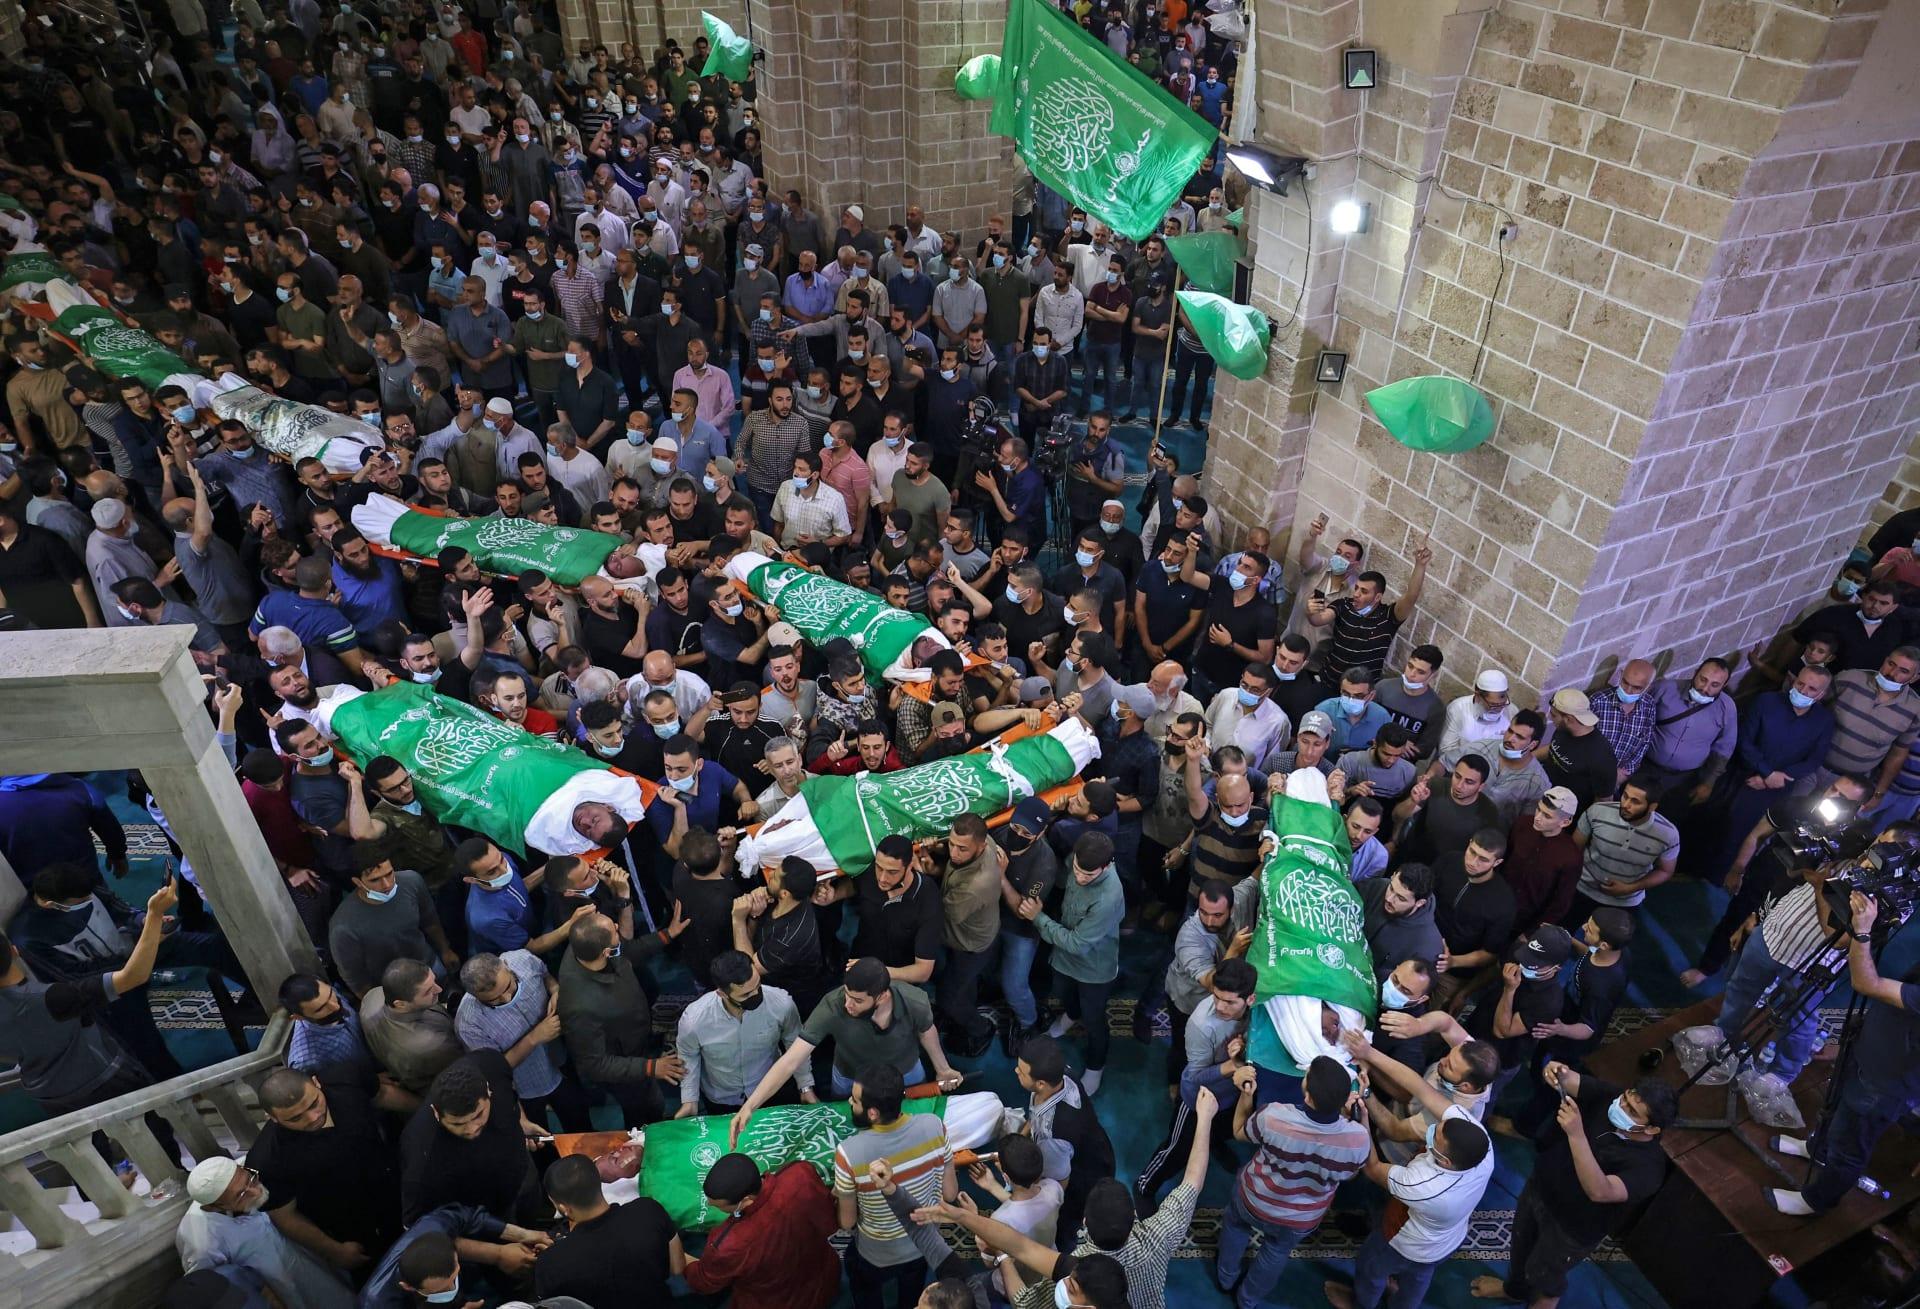 عدد القتلى في غزة يتجاوز 100 شخص بينهم 27 طفلاً و11 امرأة